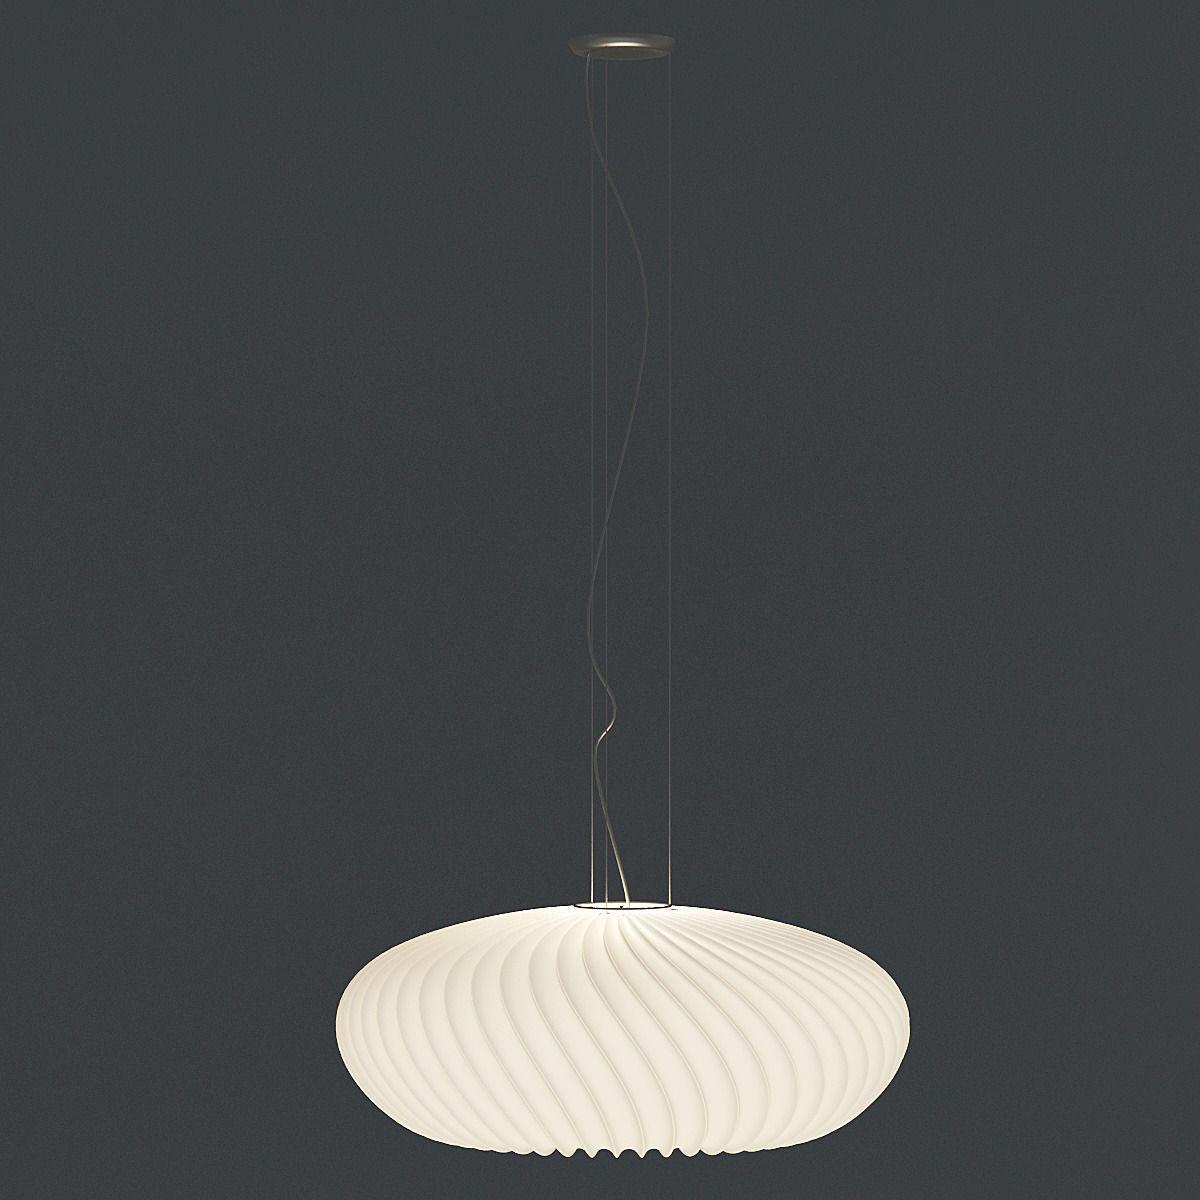 axo light muse multicolor 3d model max obj 3ds fbx. Black Bedroom Furniture Sets. Home Design Ideas